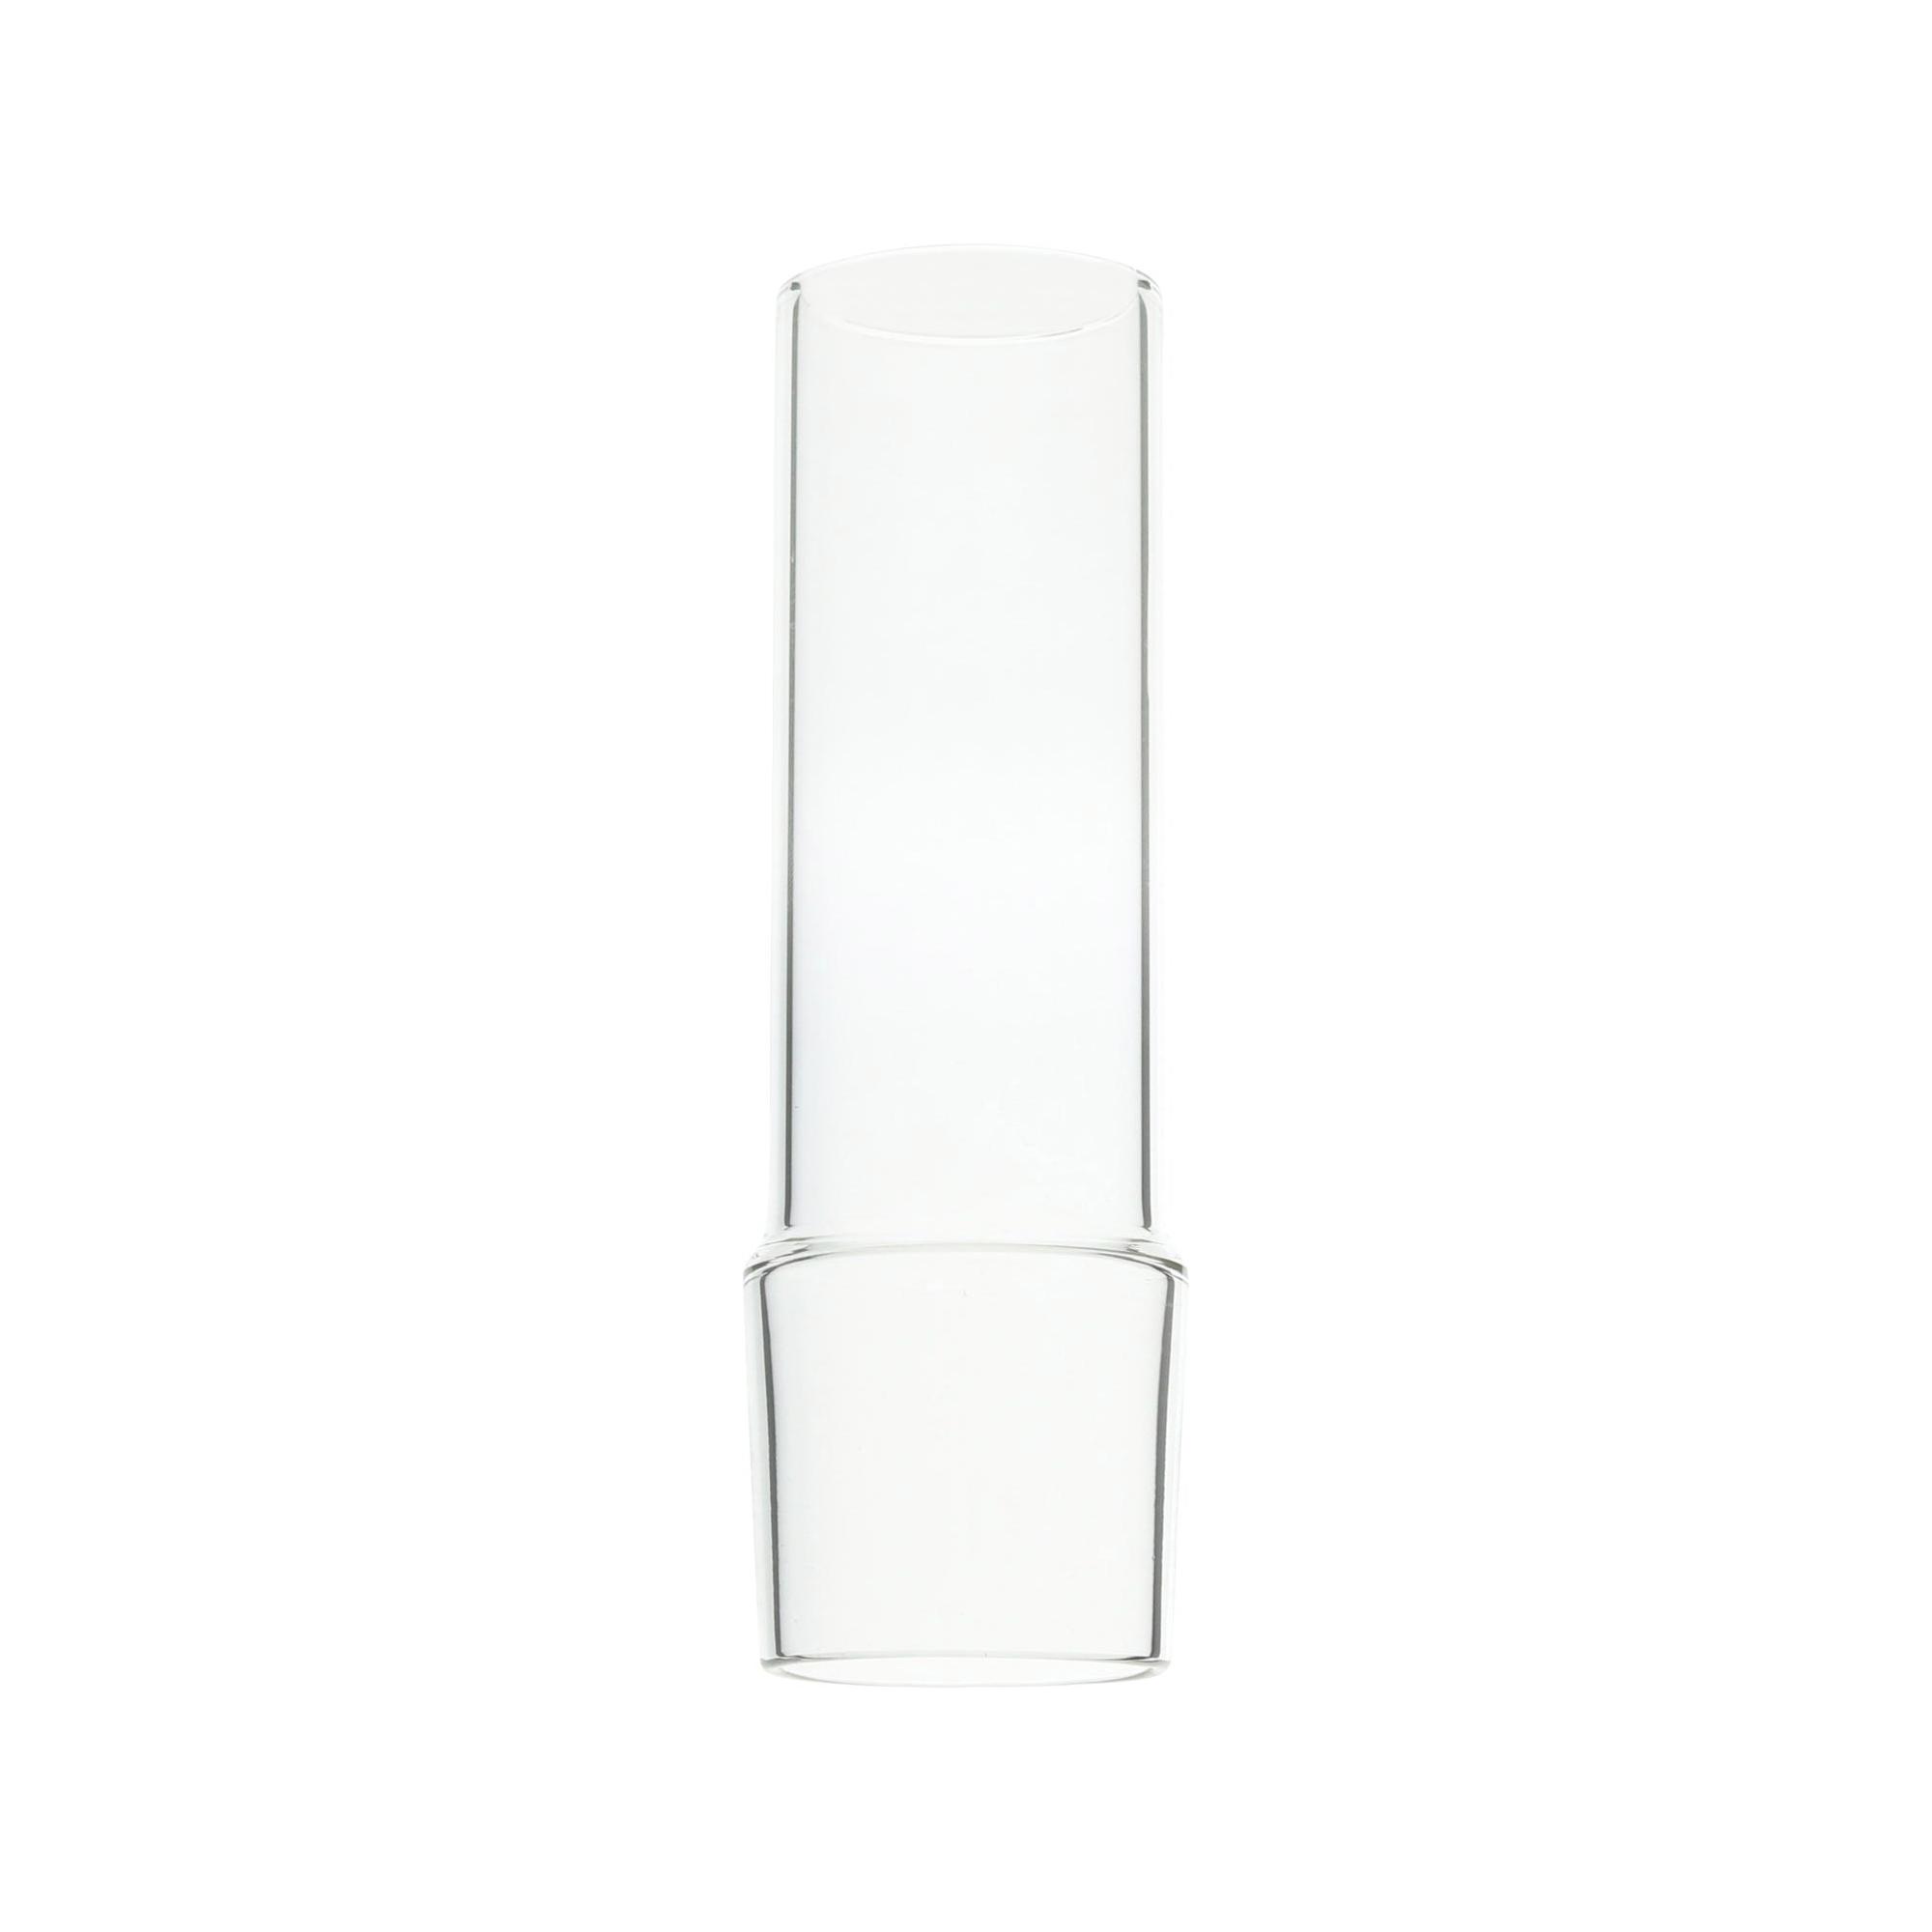 030010-45 透明摺合ガラス接手管 オス形 45/40 柴田科学(SIBATA)